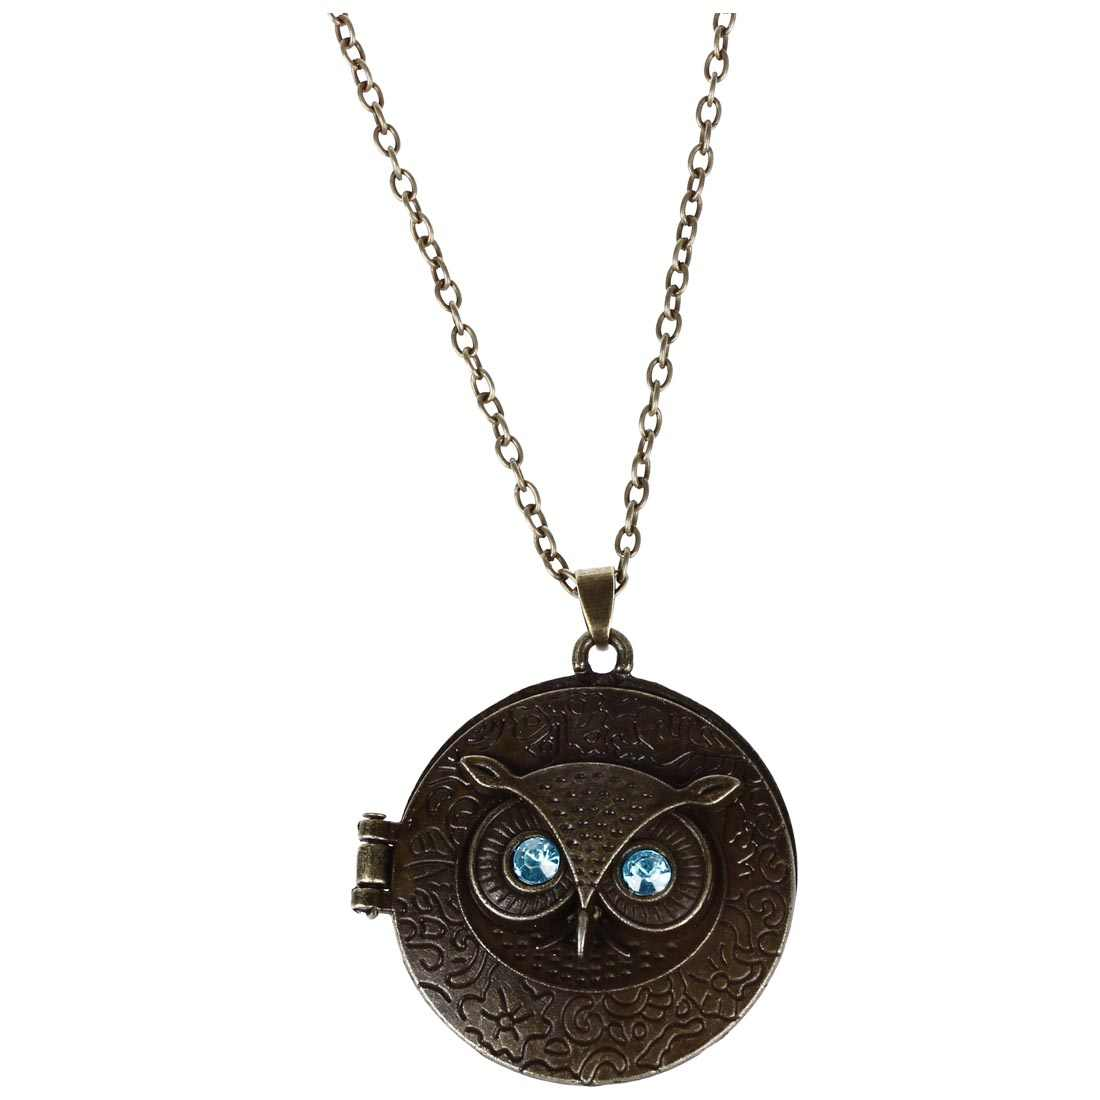 Antiqued ทองเหลือง VINTAGE Owl สร้อยคอยาวจี้ Blue Zircon Eye